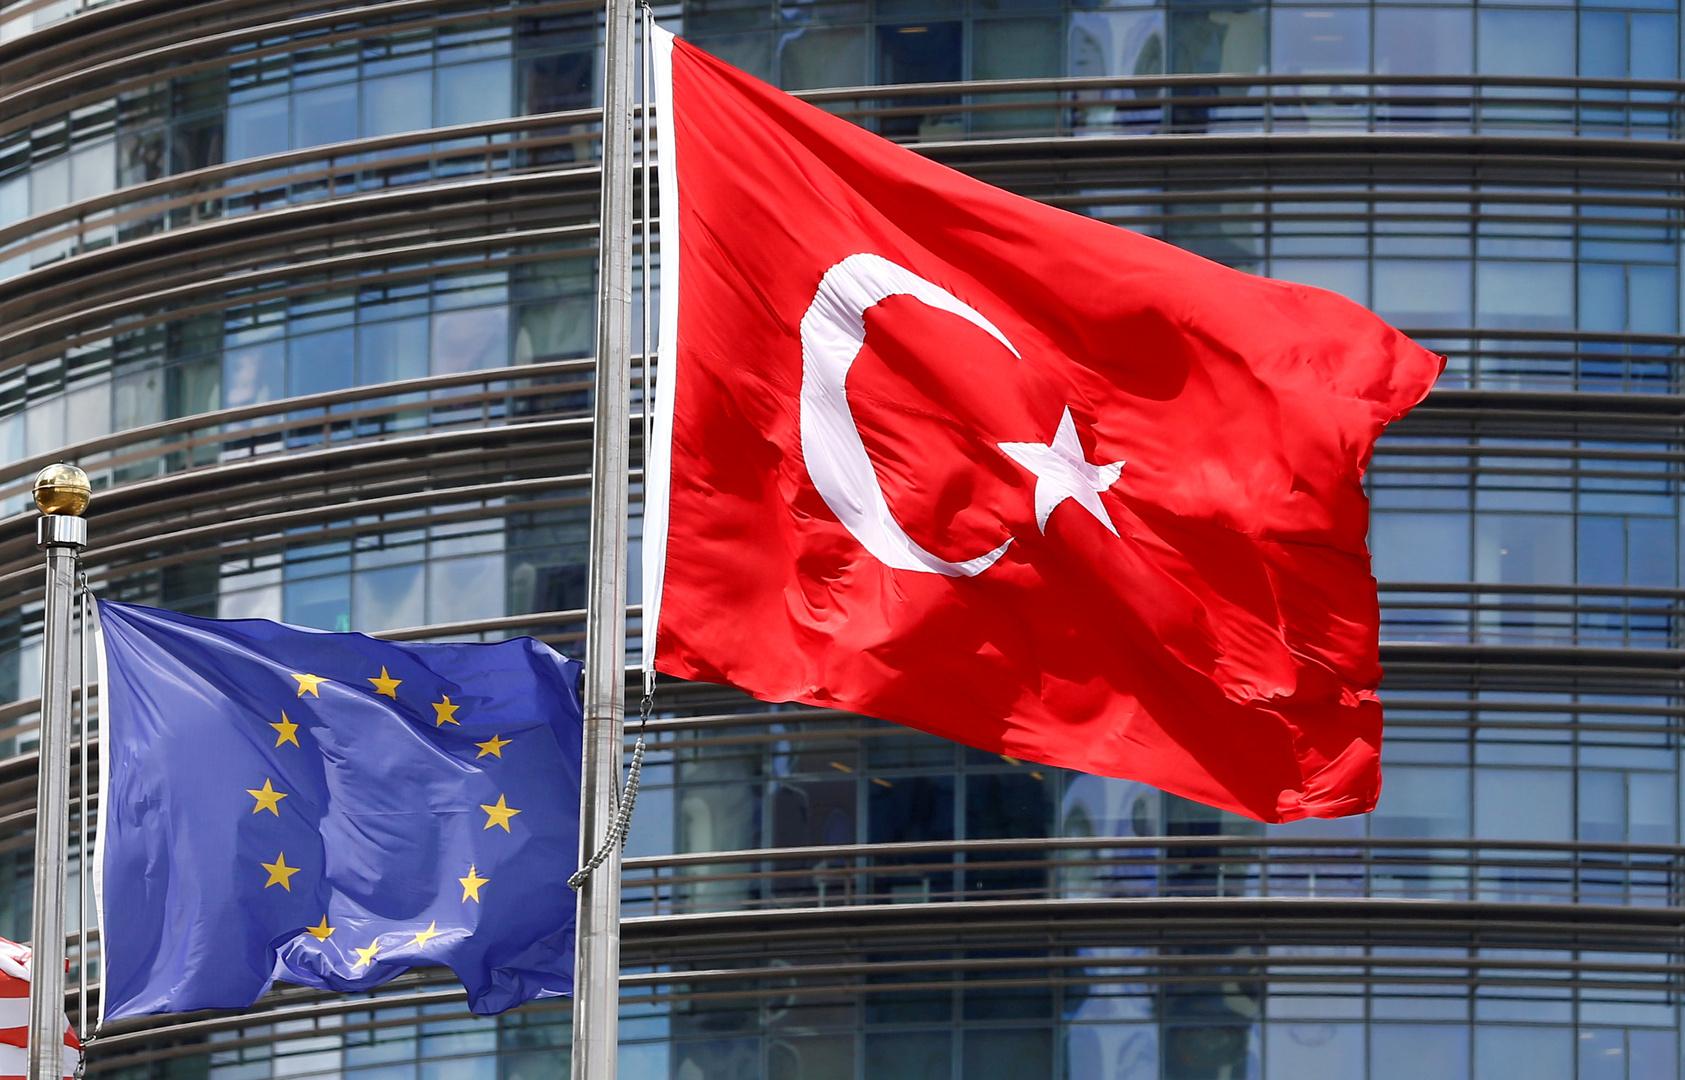 المفوضية الأوروبية: الدعوات لمقاطعة البضائع الفرنسية مؤسفة